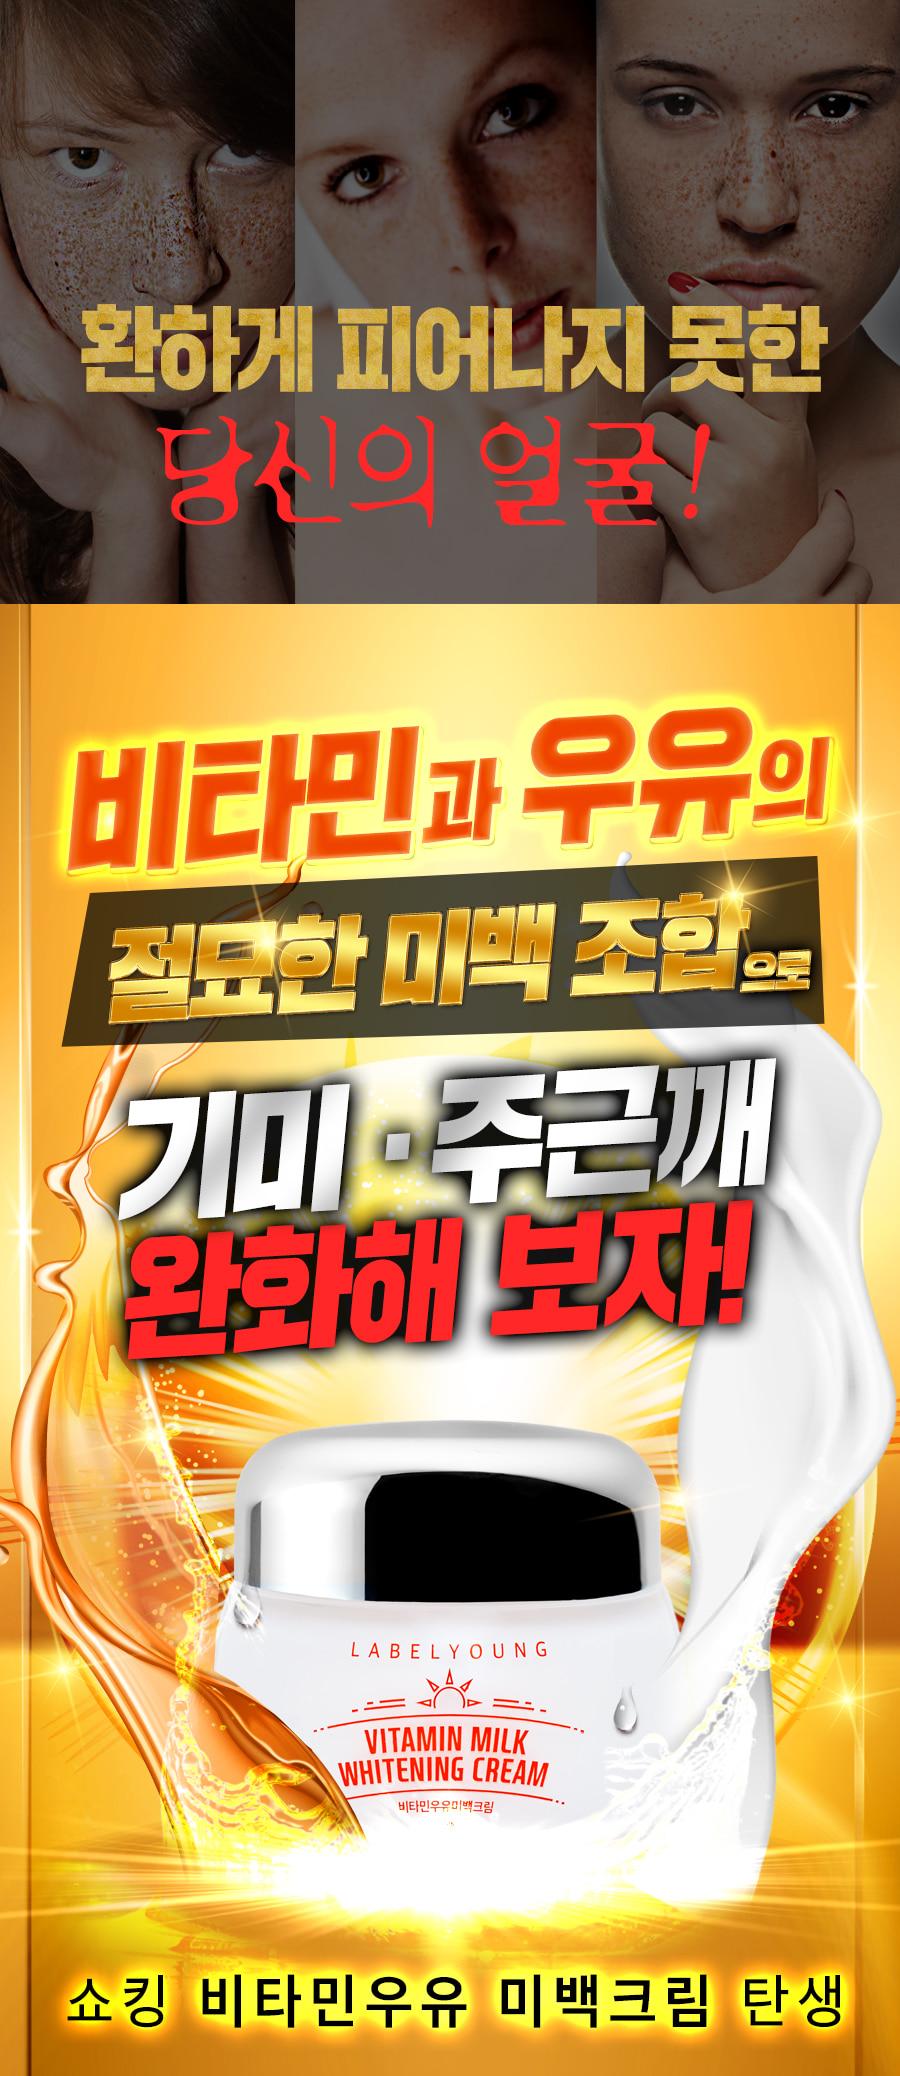 쇼킹비타민 우유미백크림 - 라벨영, 30,000원, 크림/오일, 크림